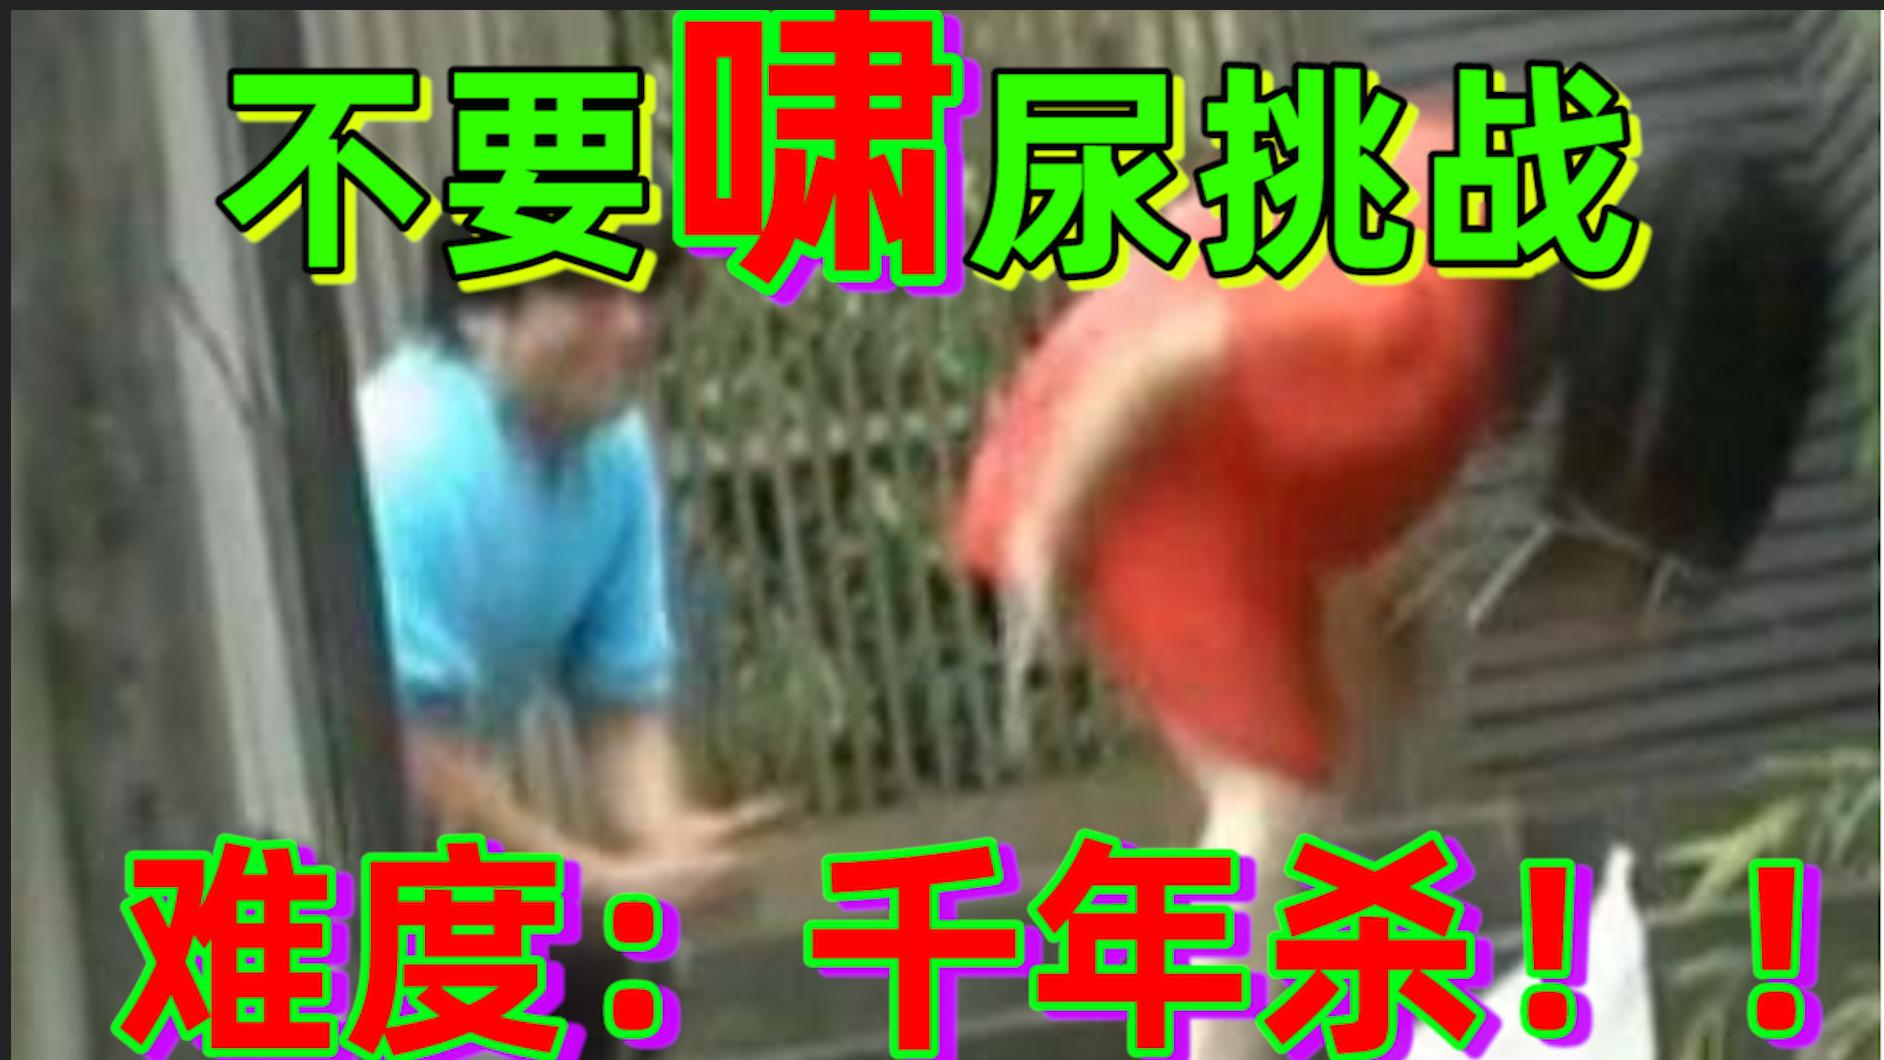 【不要笑挑战】难度:千年杀!!! 萌新慎入 极为残酷!